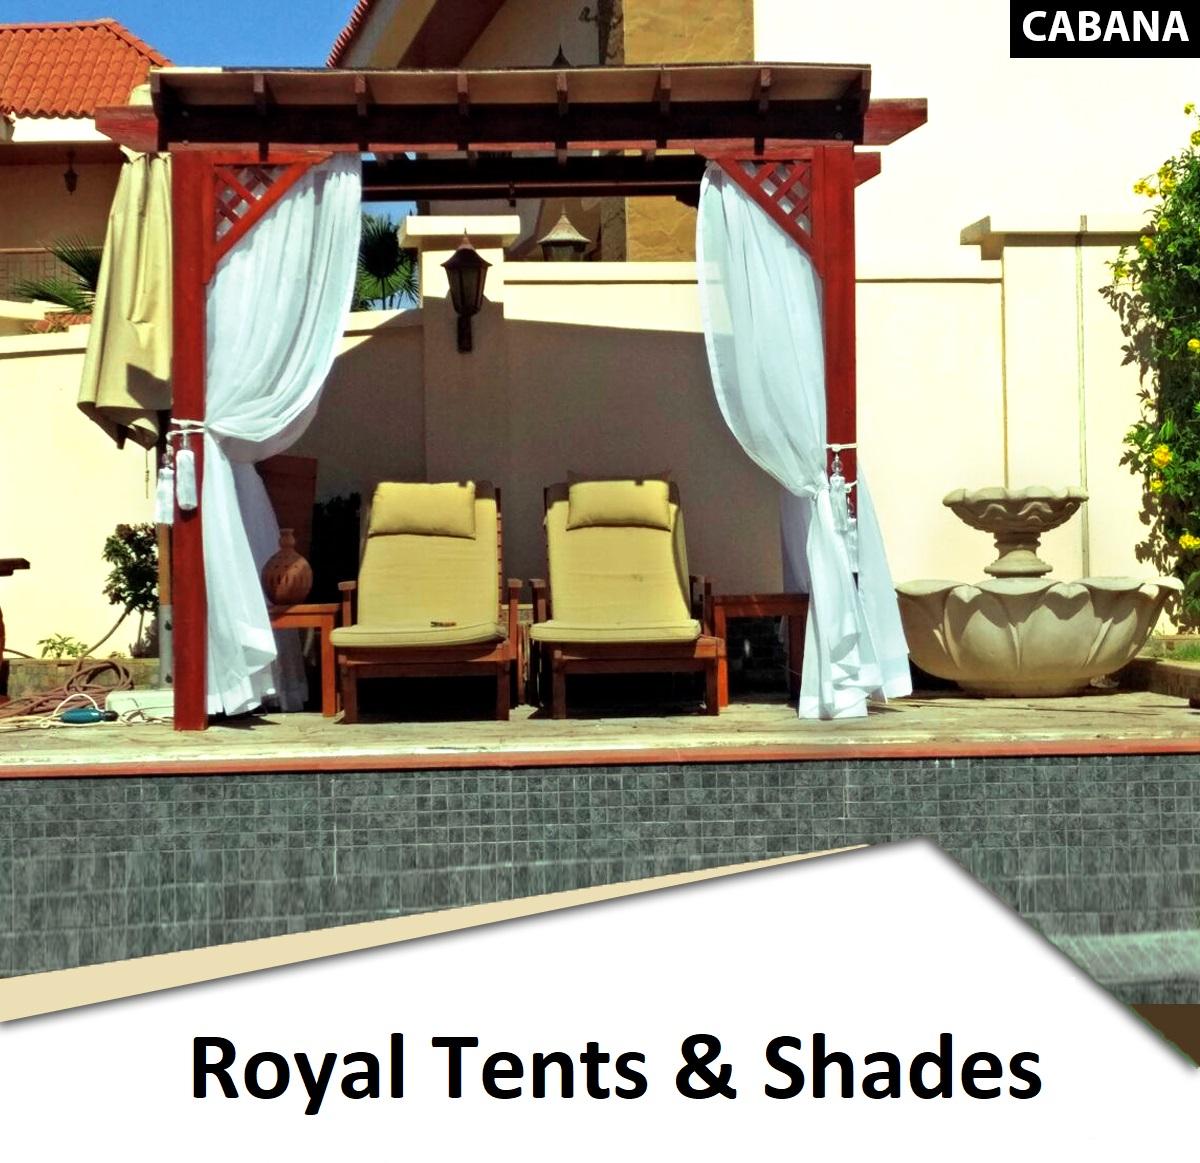 Cabana Royal Tents & Shades,